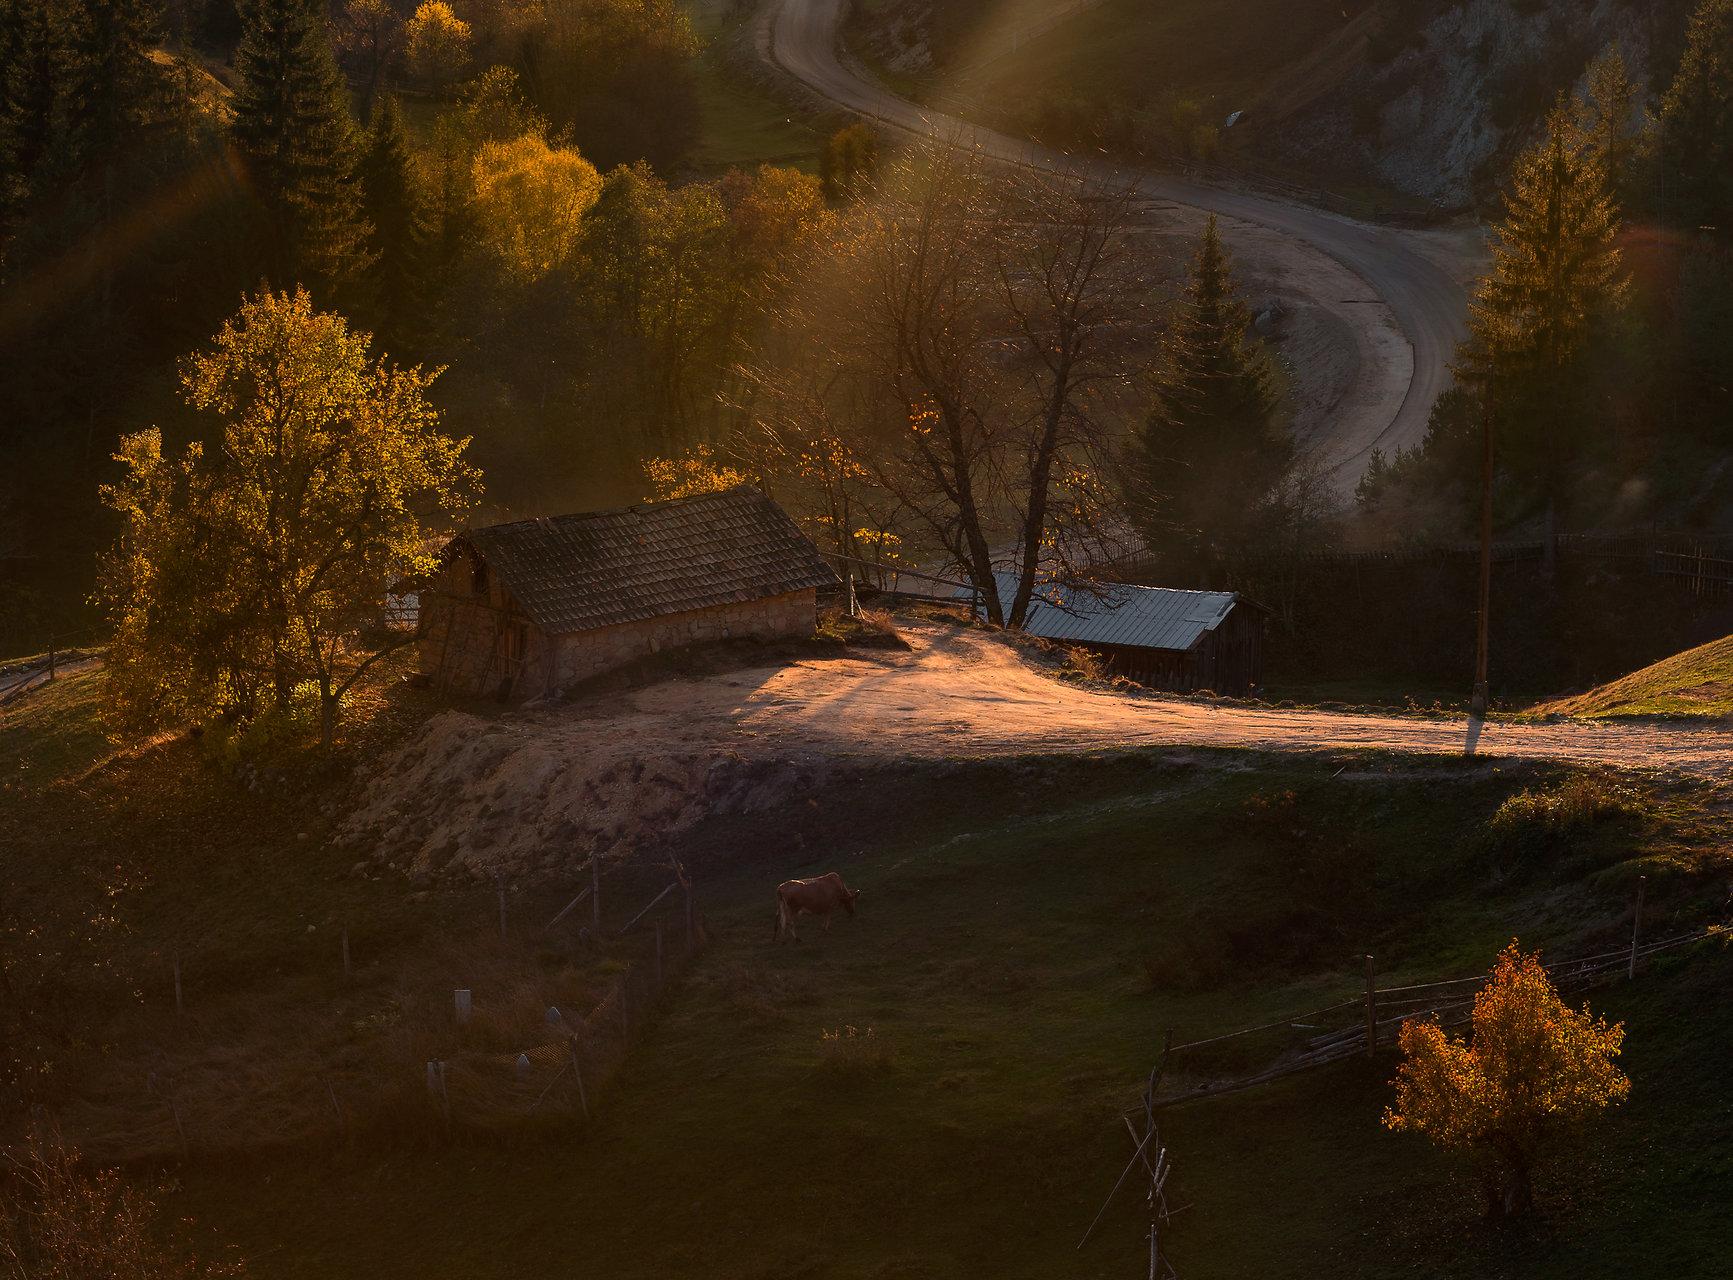 Докосване. Родопа планина. | Author Mariyana Atanasova - Lucero | PHOTO FORUM